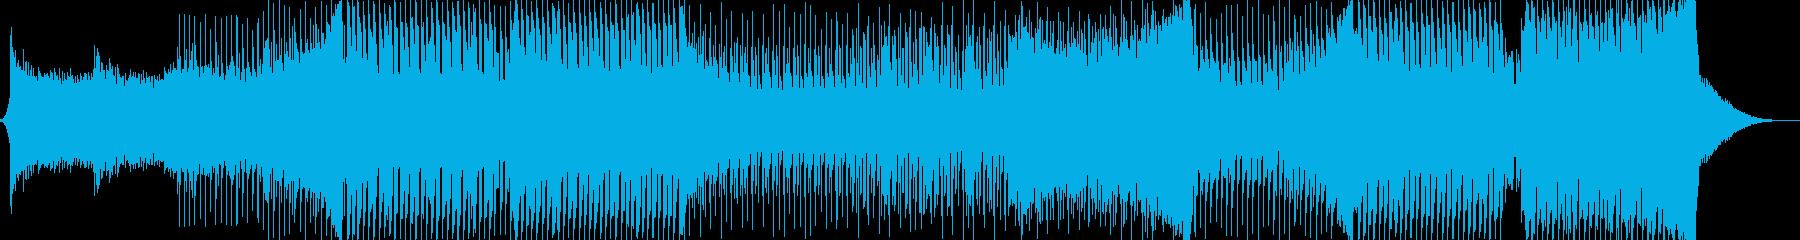 クラブ、パーティーで流れるEDM系ダンスの再生済みの波形